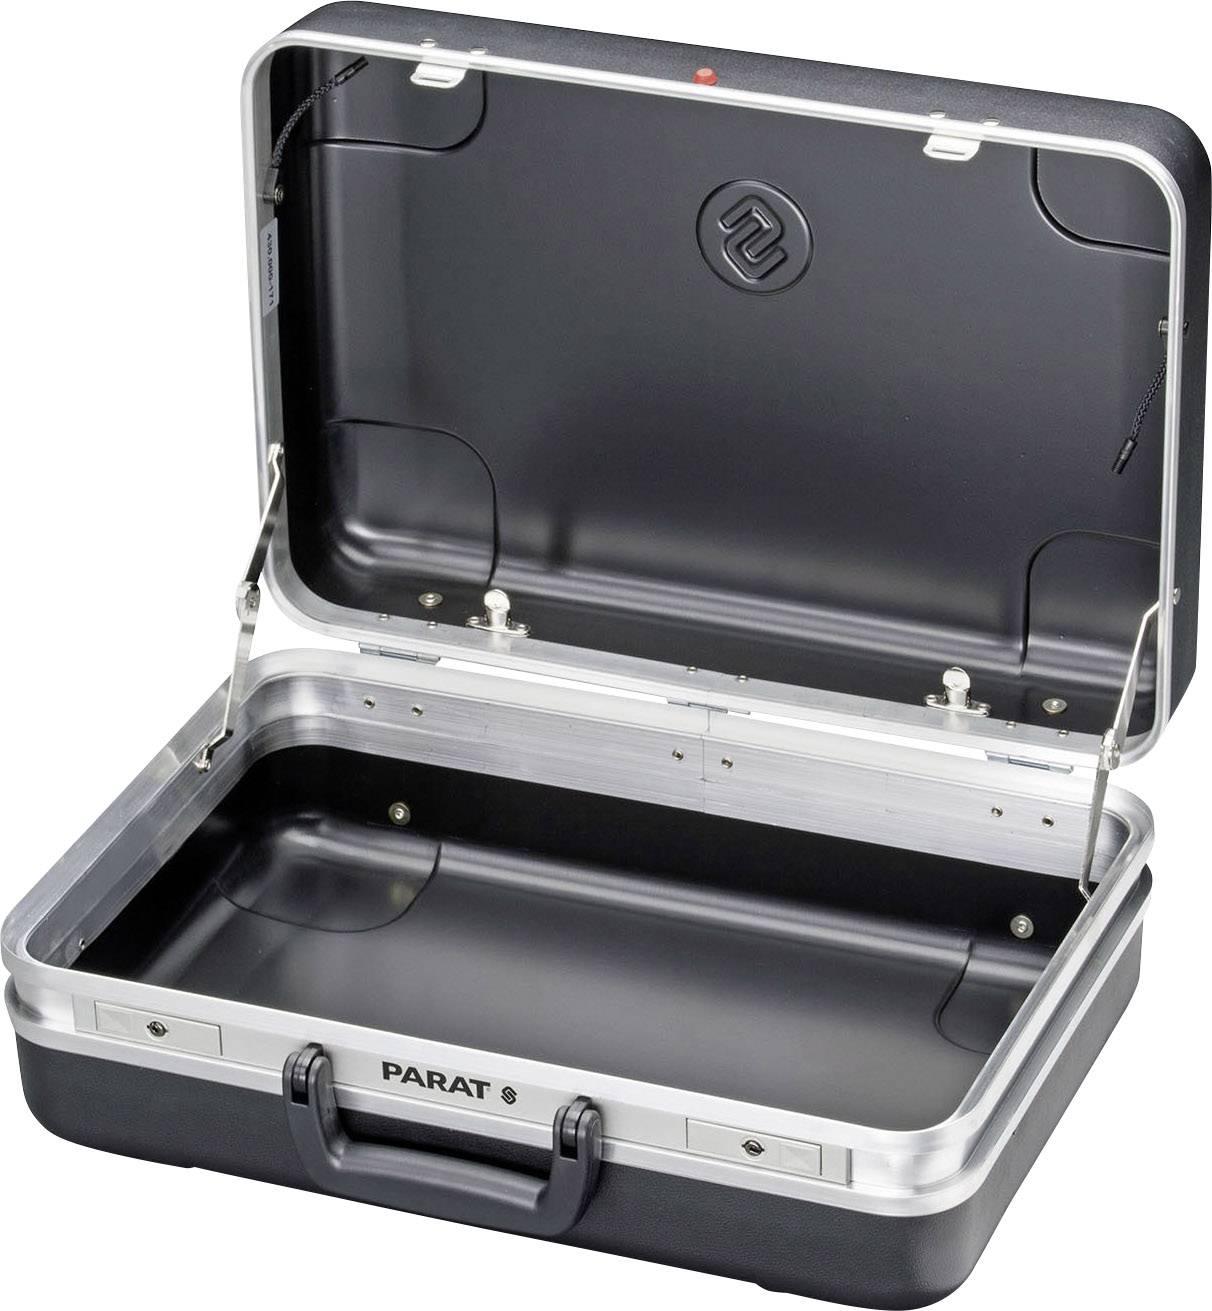 Parat kufor na náradie bez vybavenia, strieborná 430000171 465 x 310 x 170 mm, Plastická hmota ABS